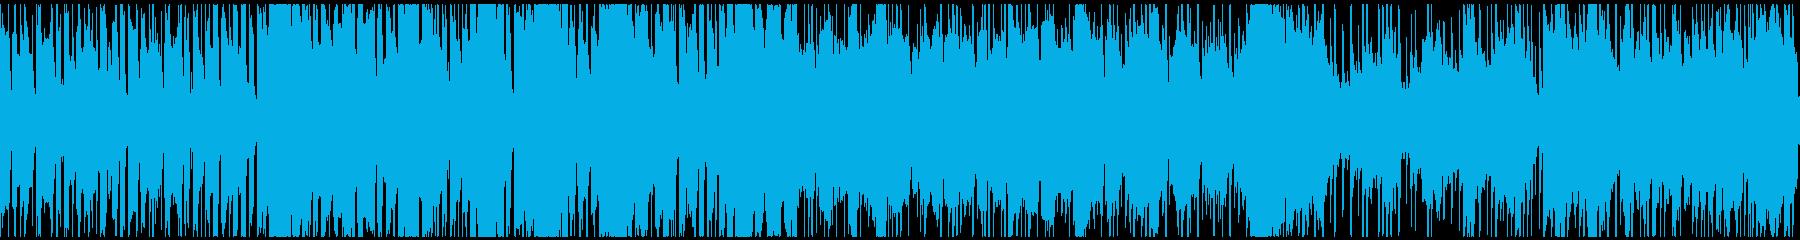 RPGノーマルバトル(ループ仕様)の再生済みの波形